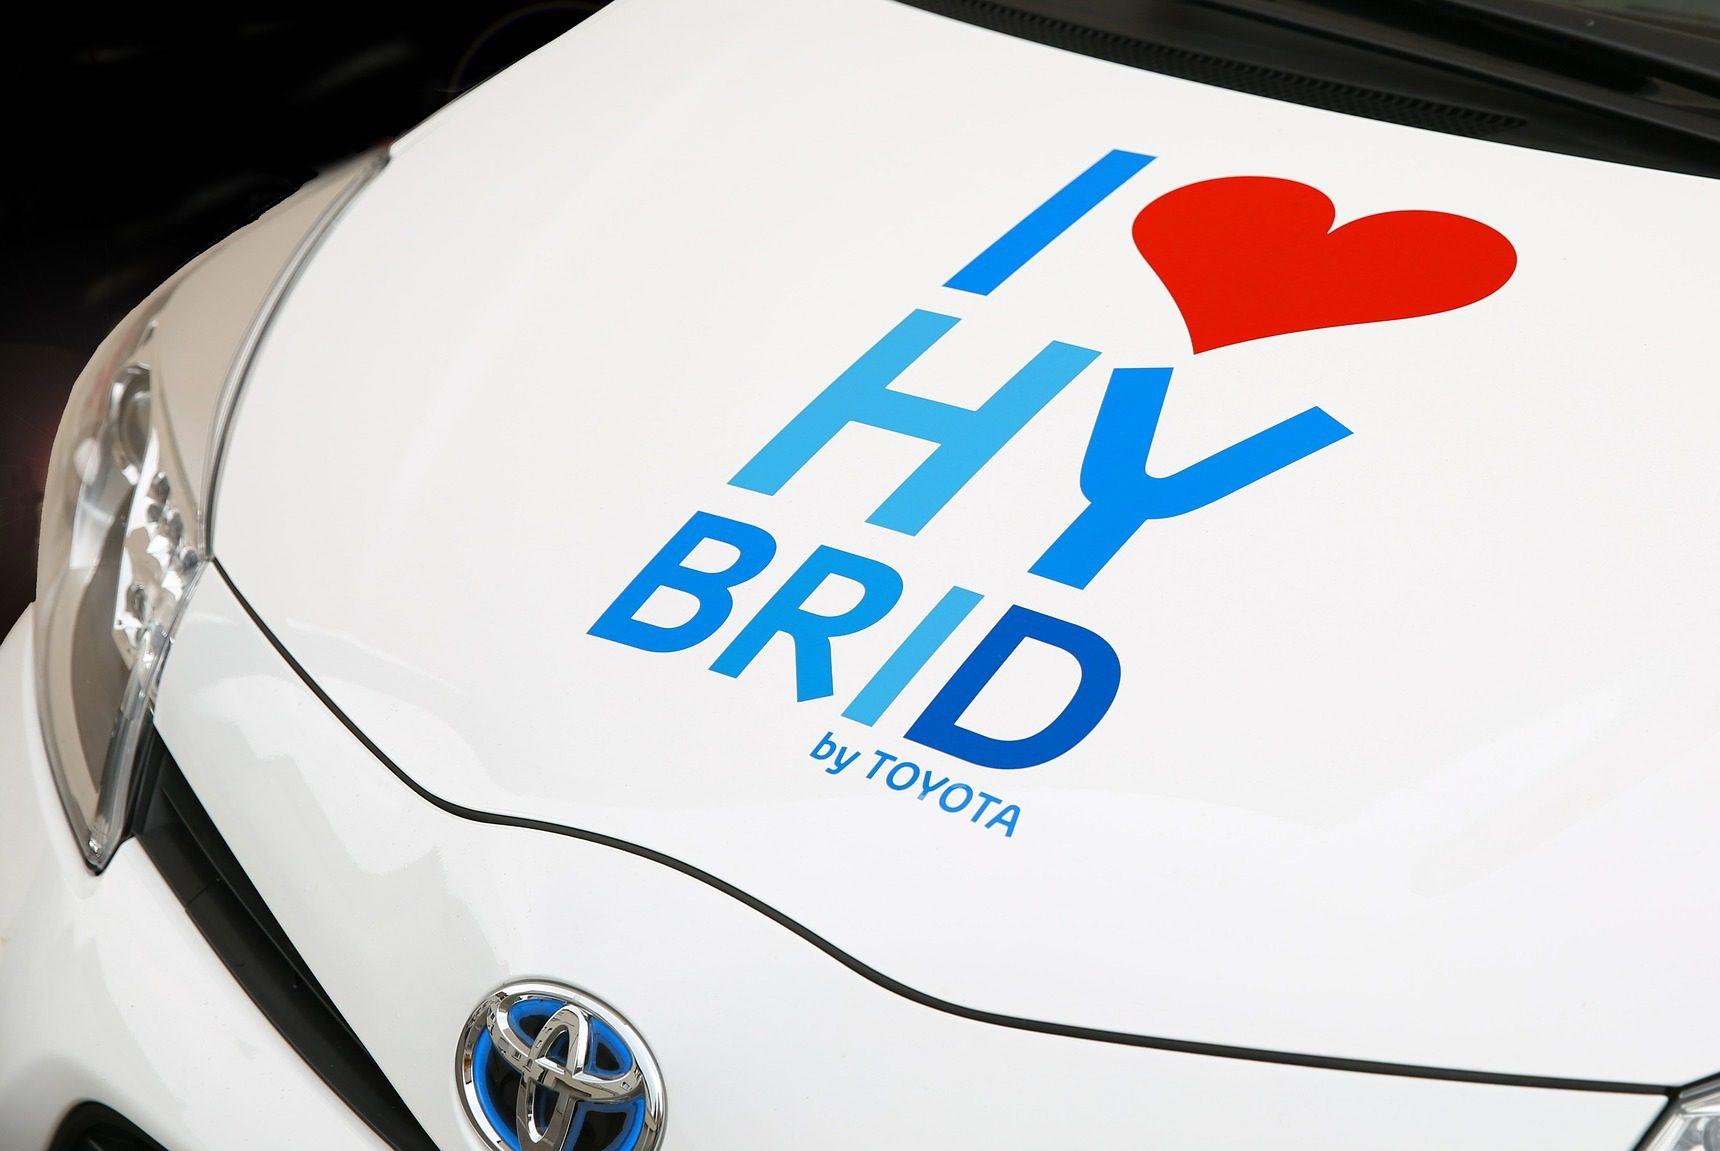 i heart hybrid vehicle